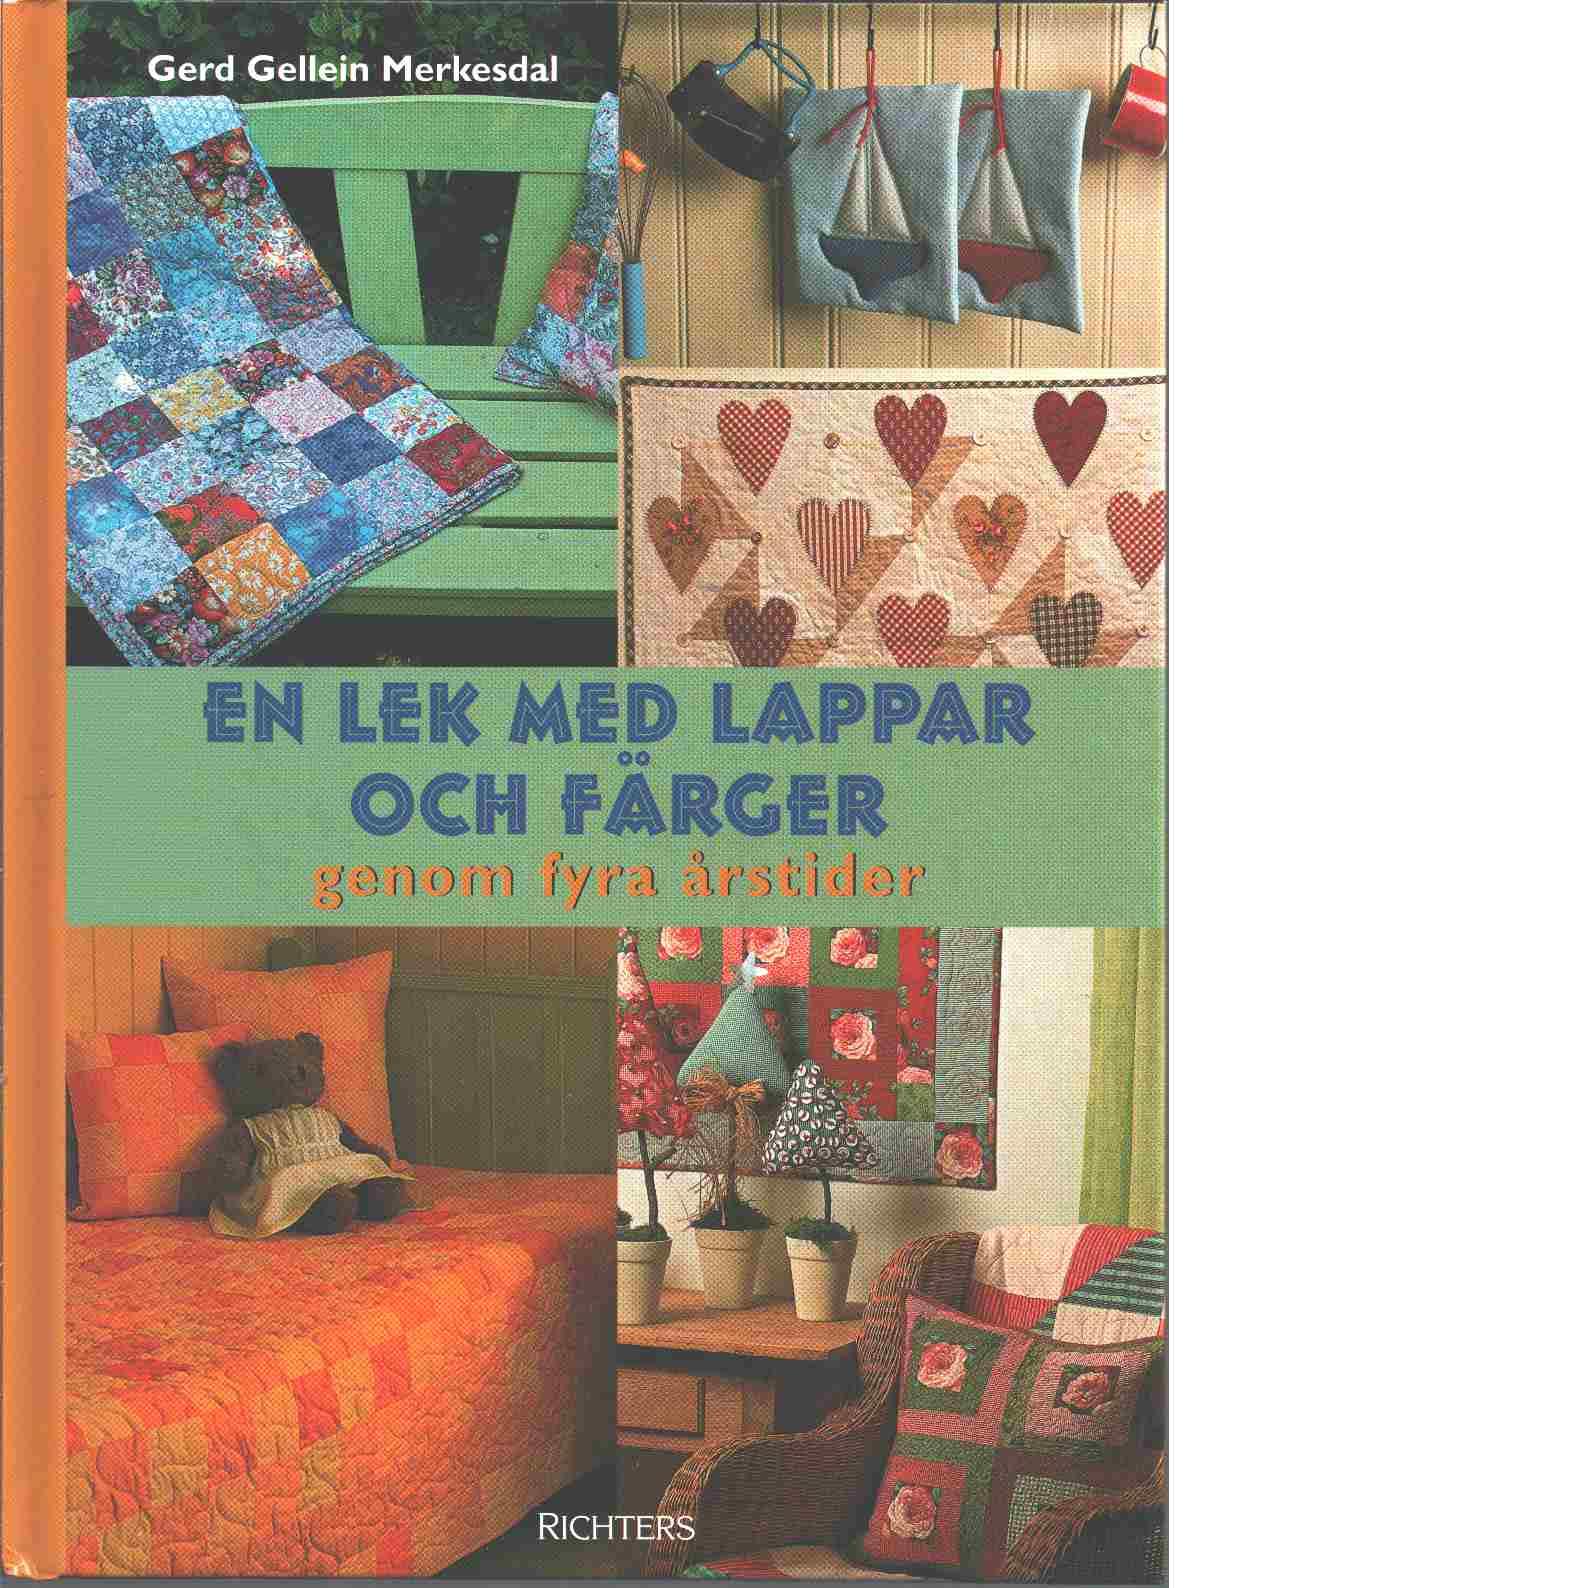 En lek med lappar och färger genom fyra årstider - Merkesdal, Gerd Gellein